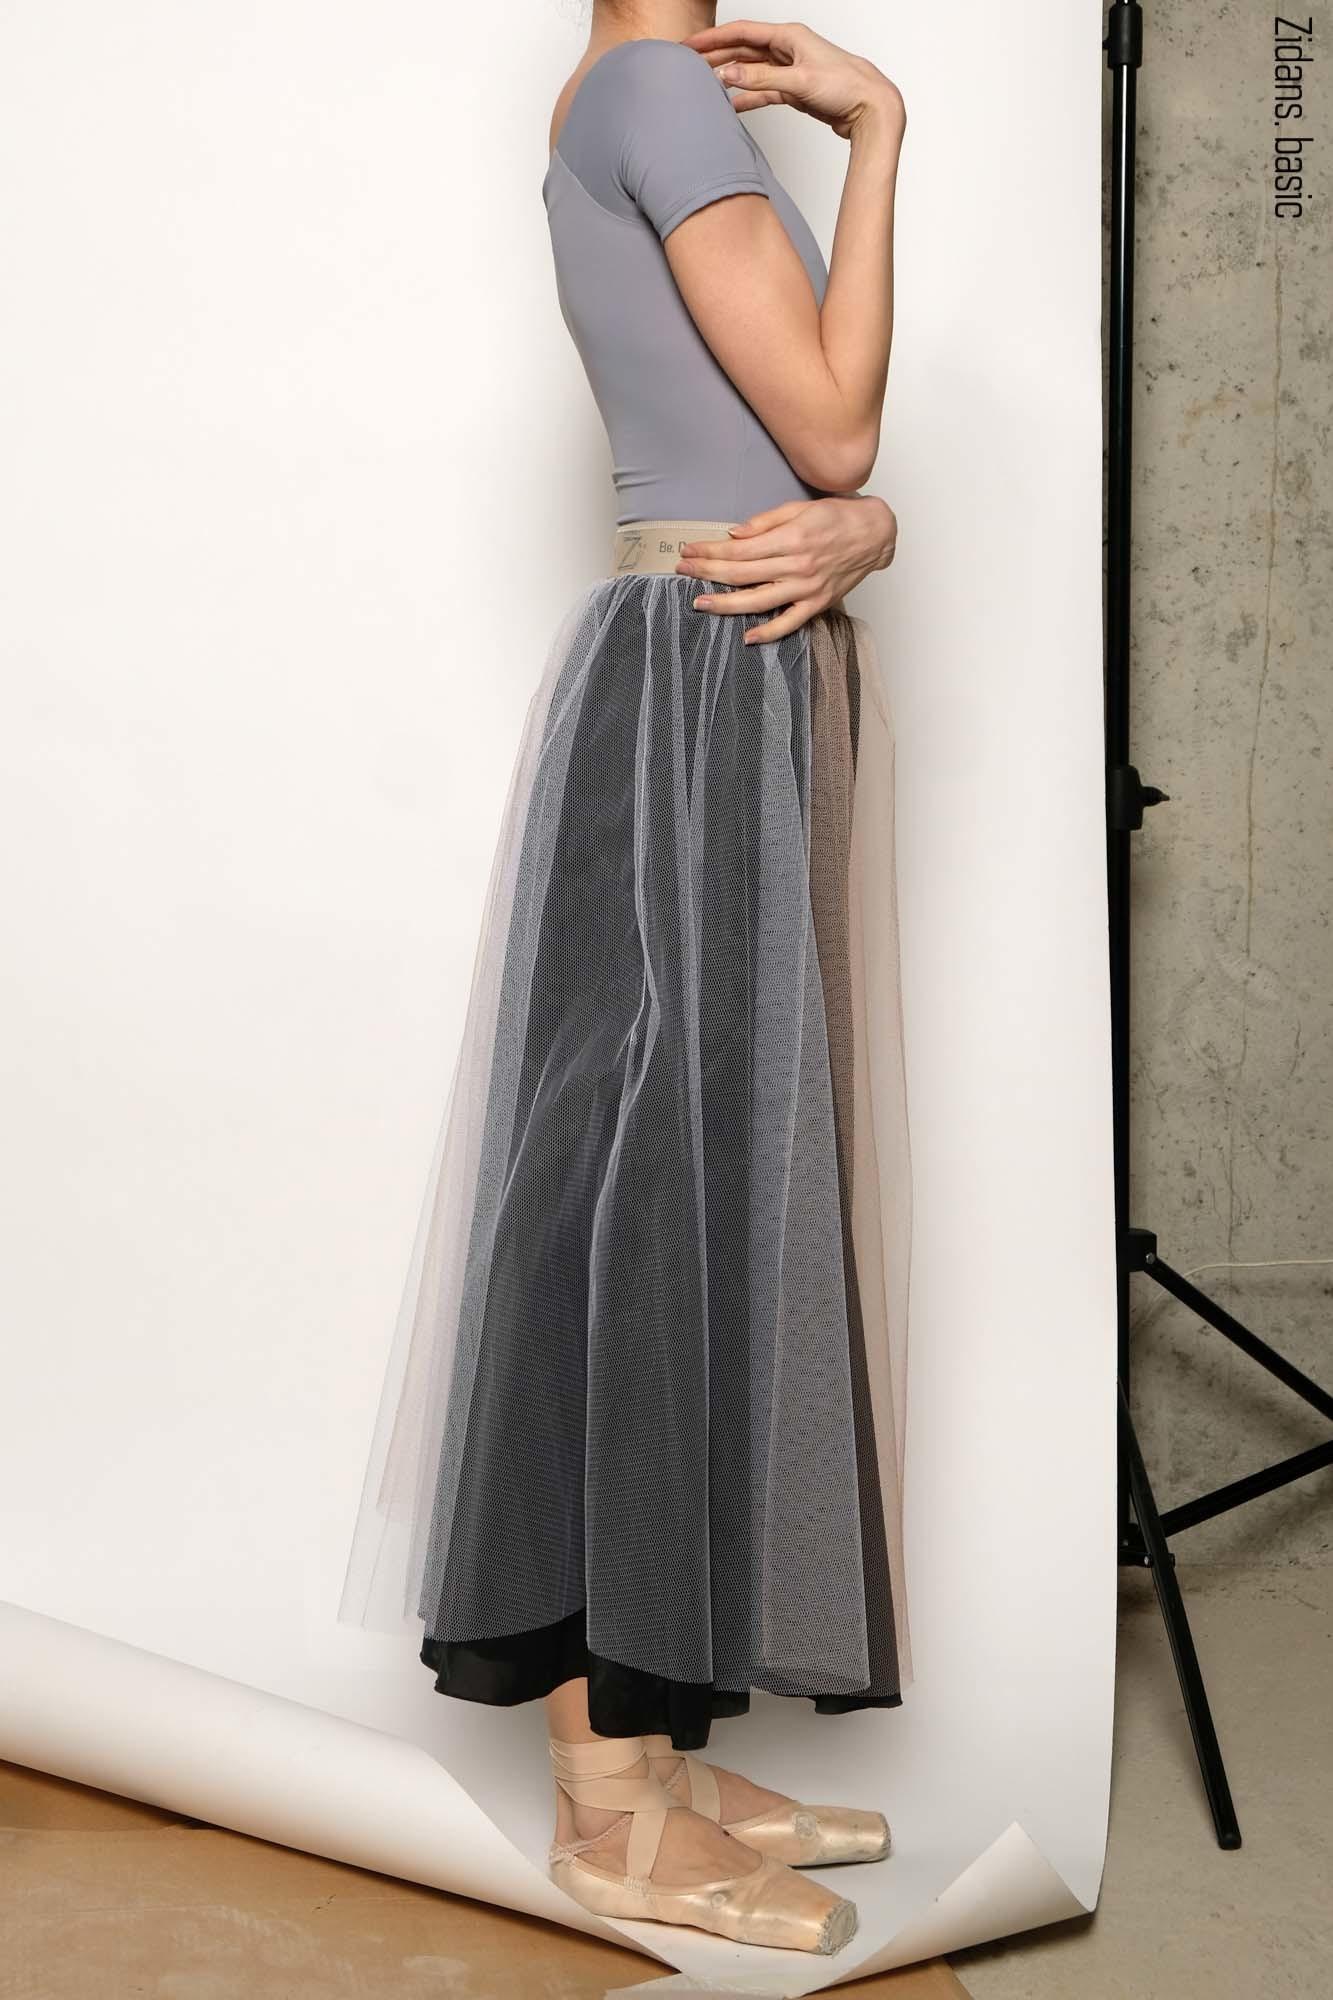 Репетиционная юбка-шопенка basic | черный